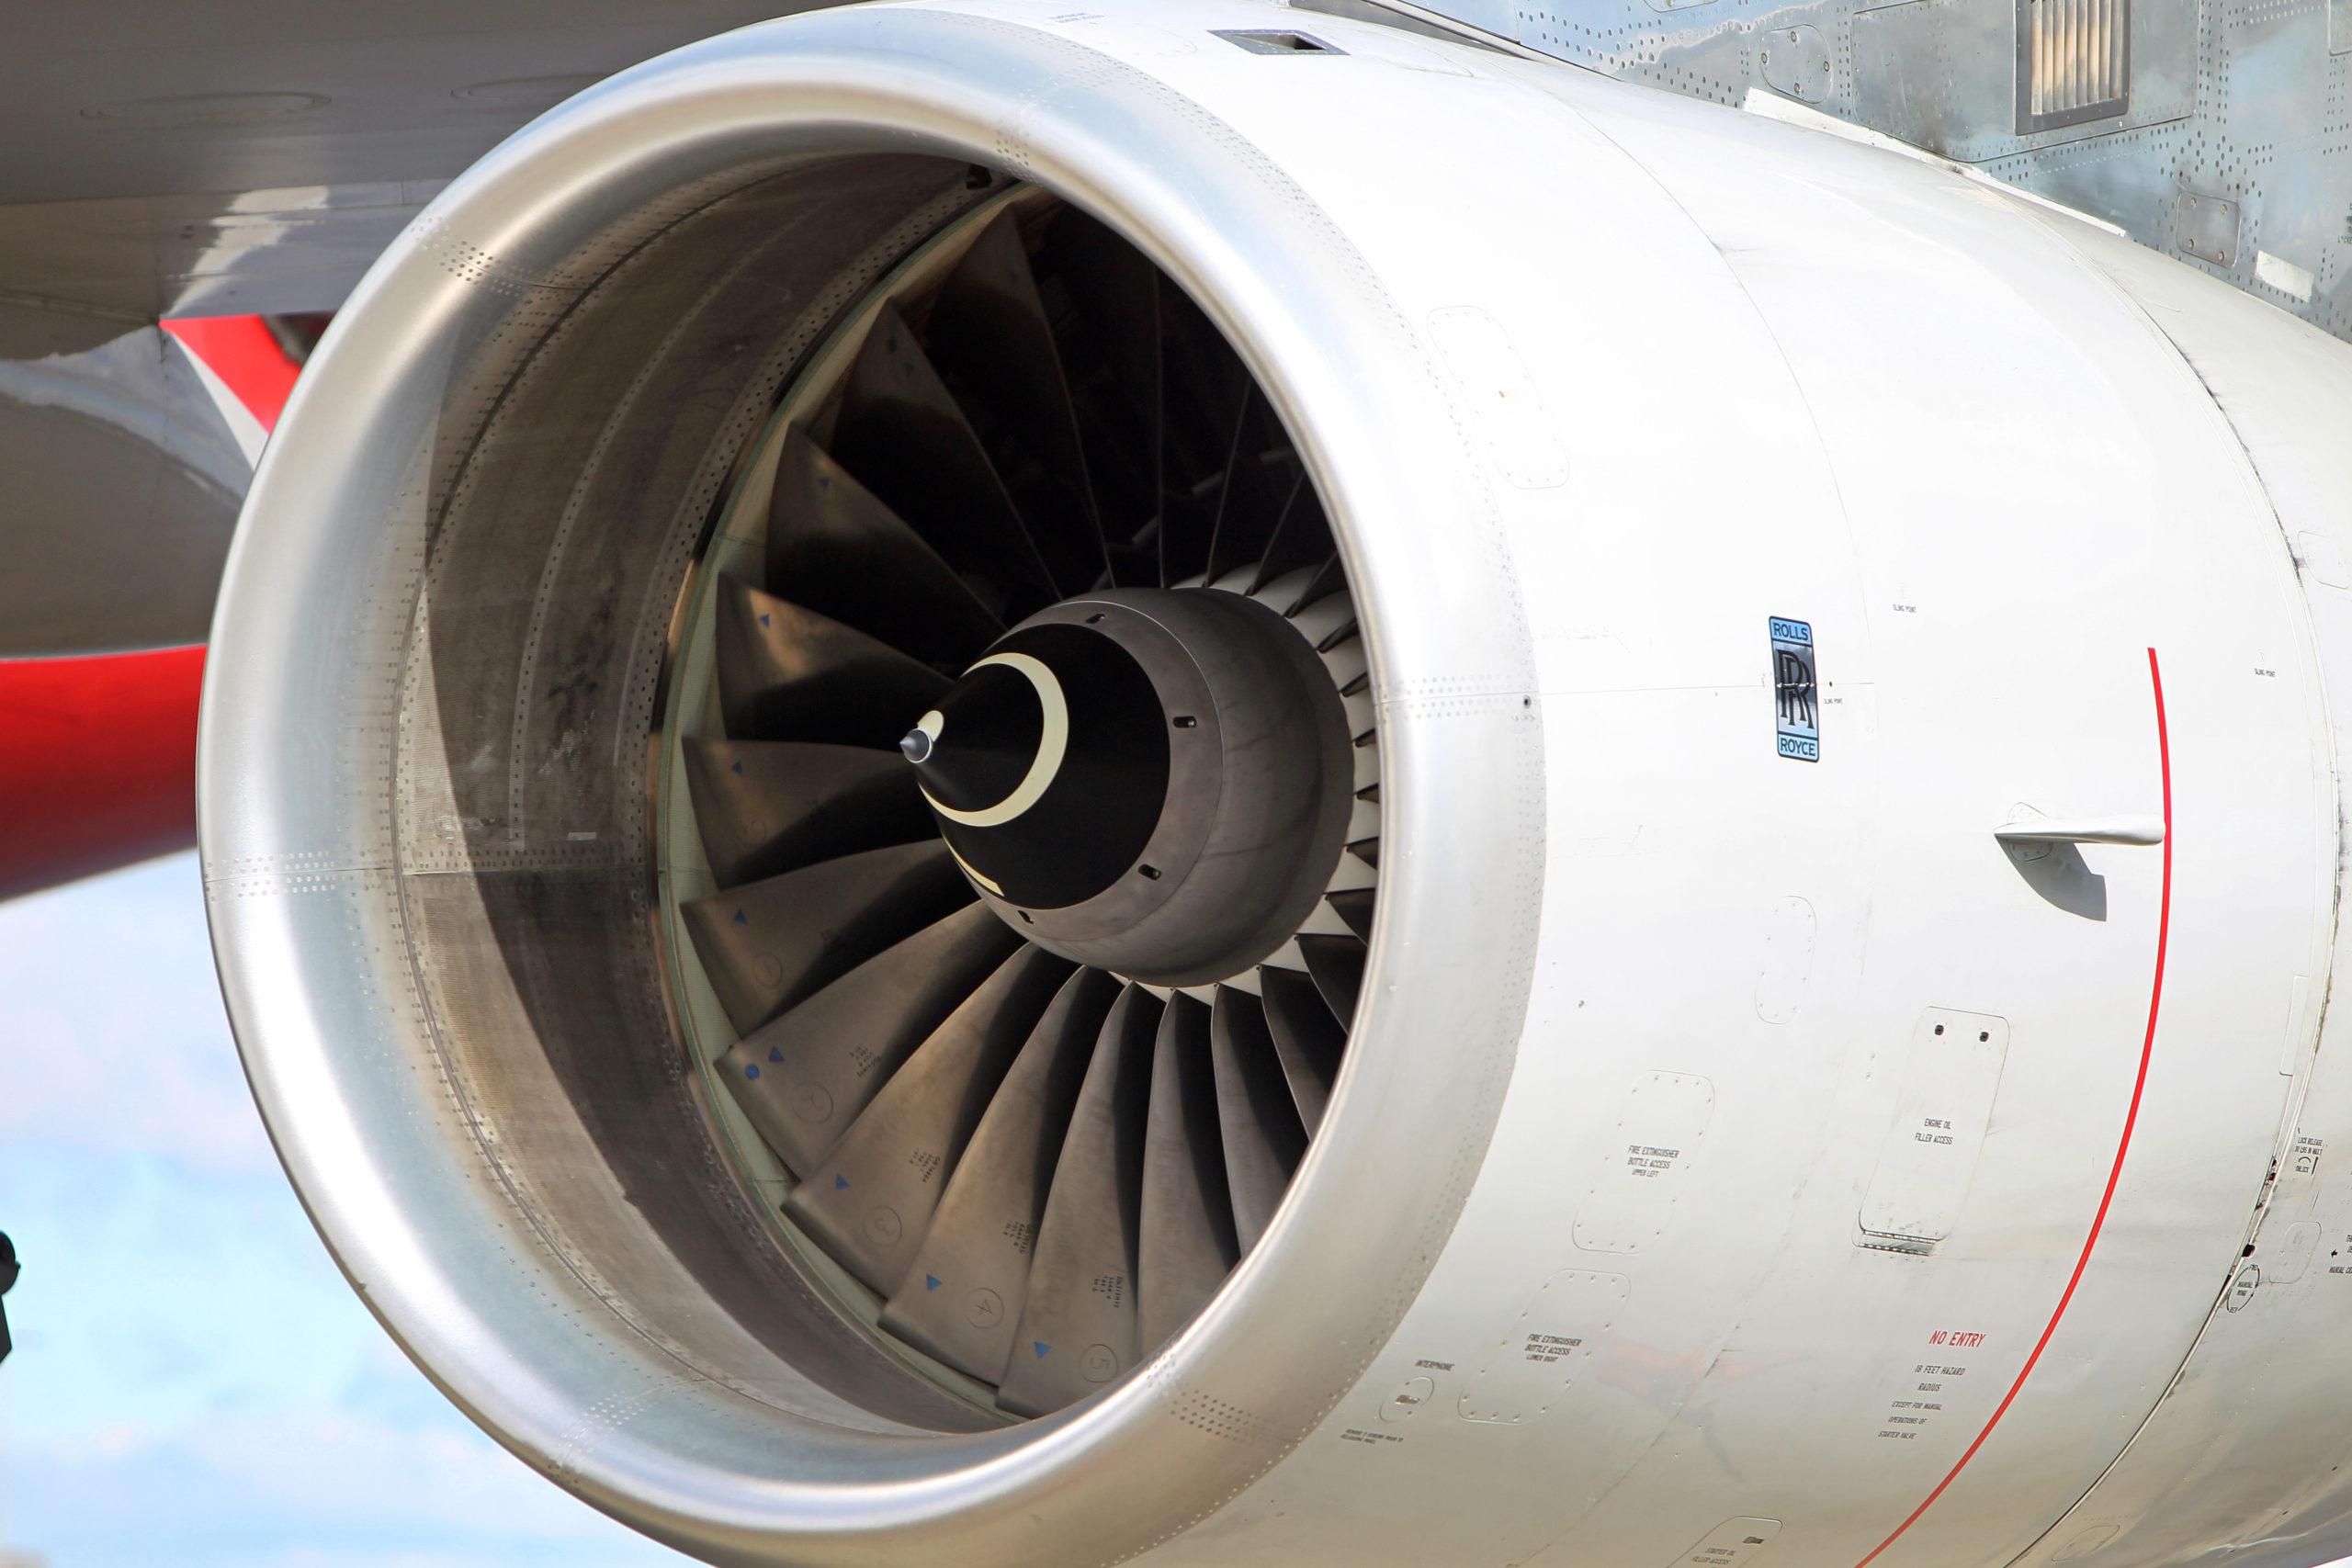 An aircraft jet engine.